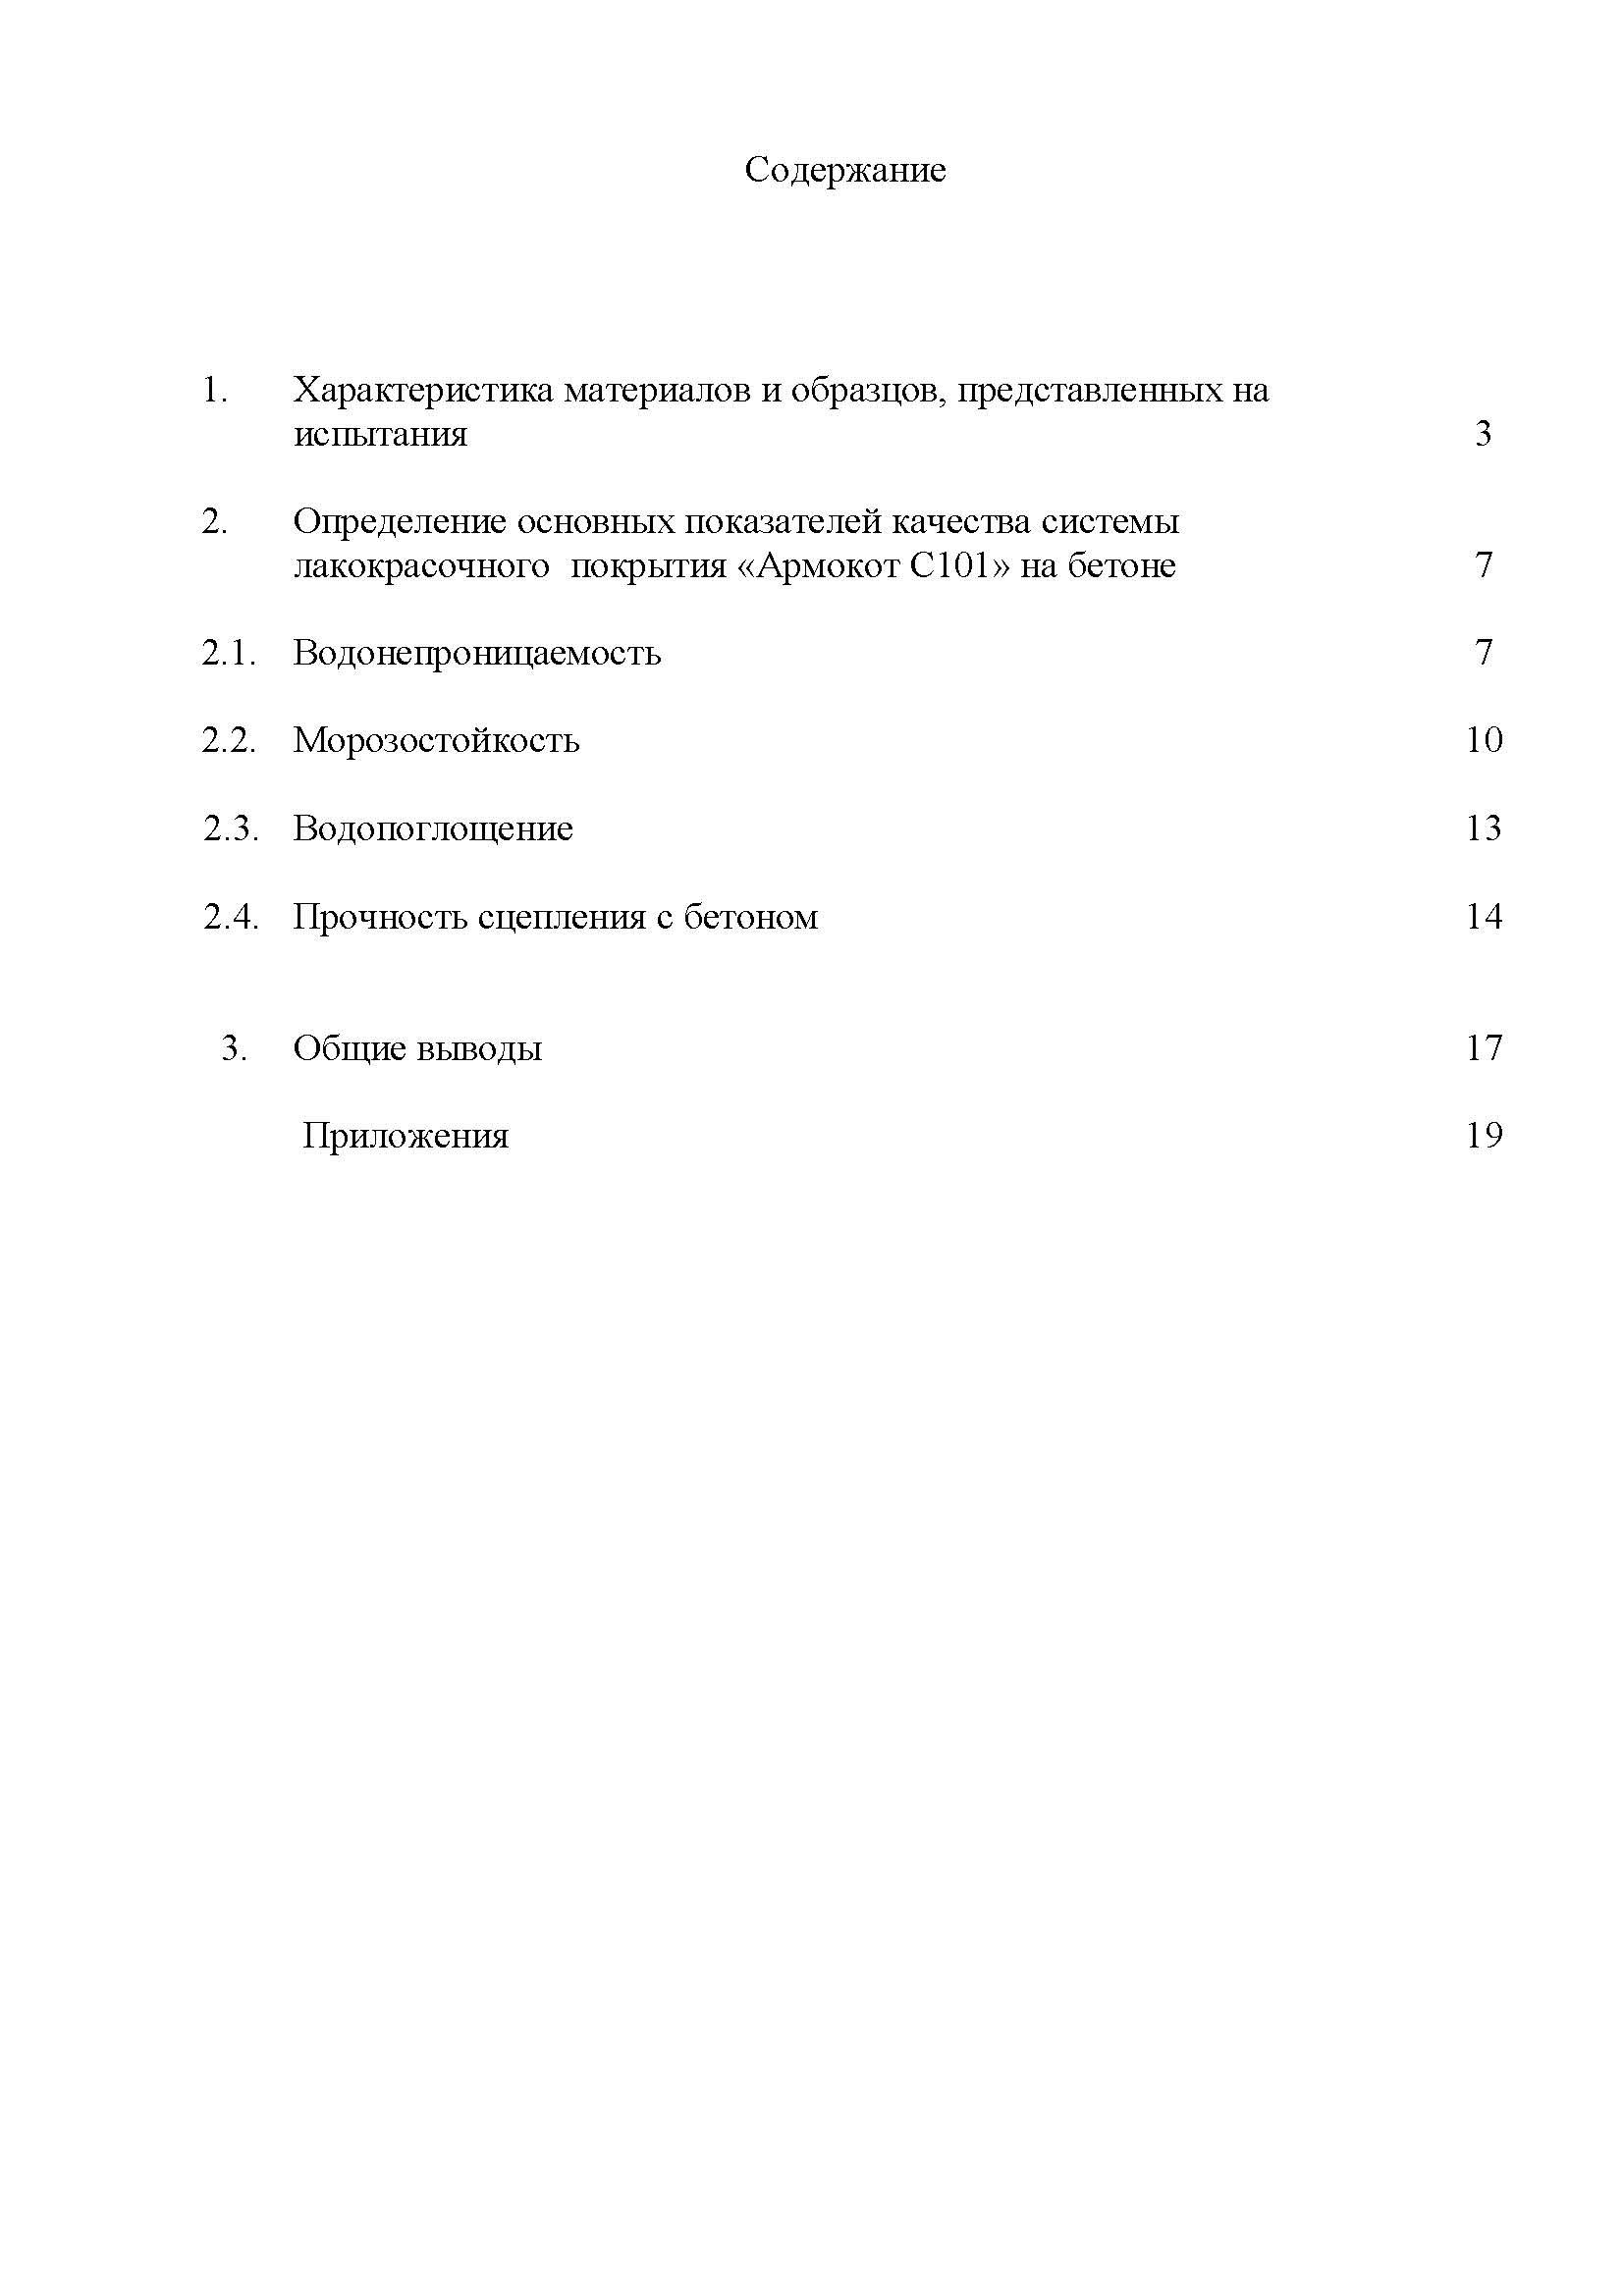 Заключение Морозов-КТБ Армокот С101_Страница_02